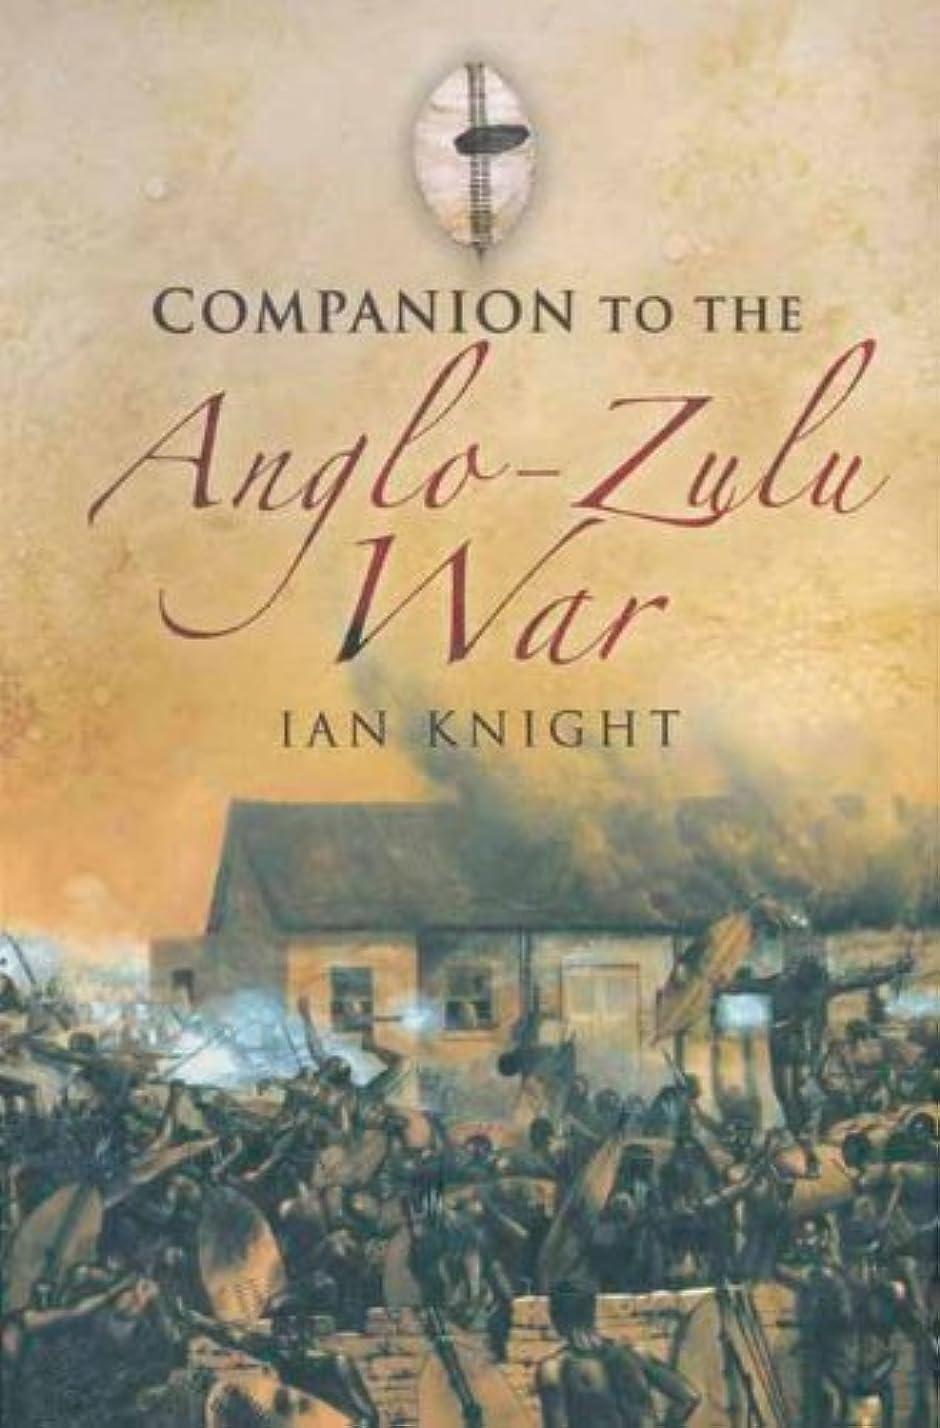 蒸発殉教者液化するCompanion to the Anglo-Zulu War (English Edition)